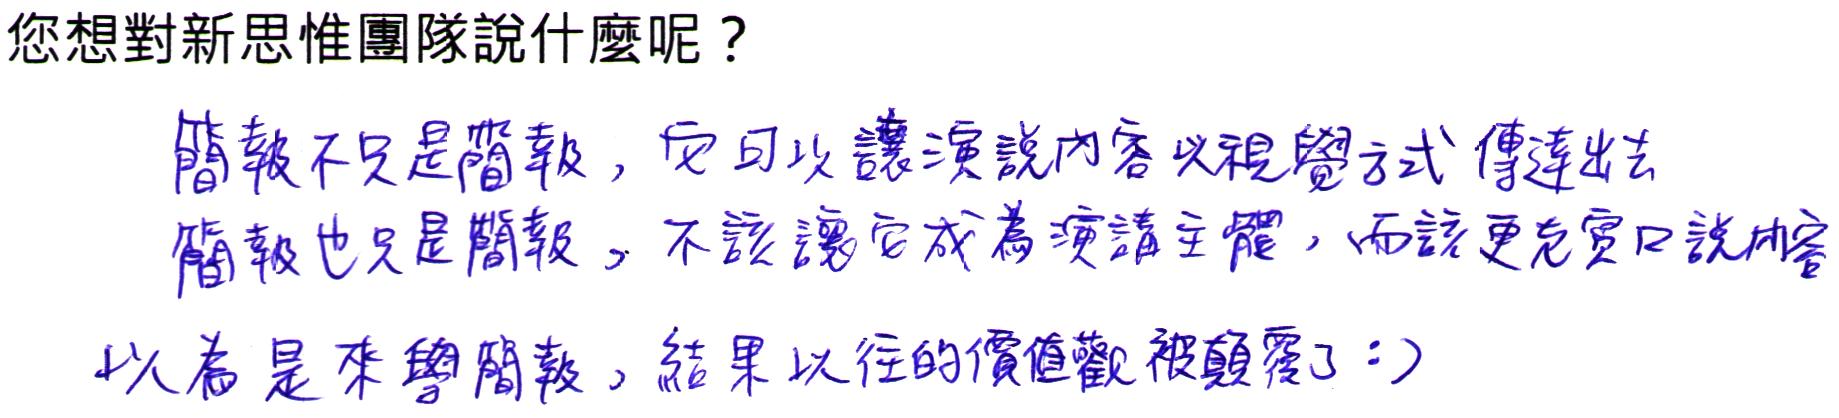 12_20160924_feedback_00005